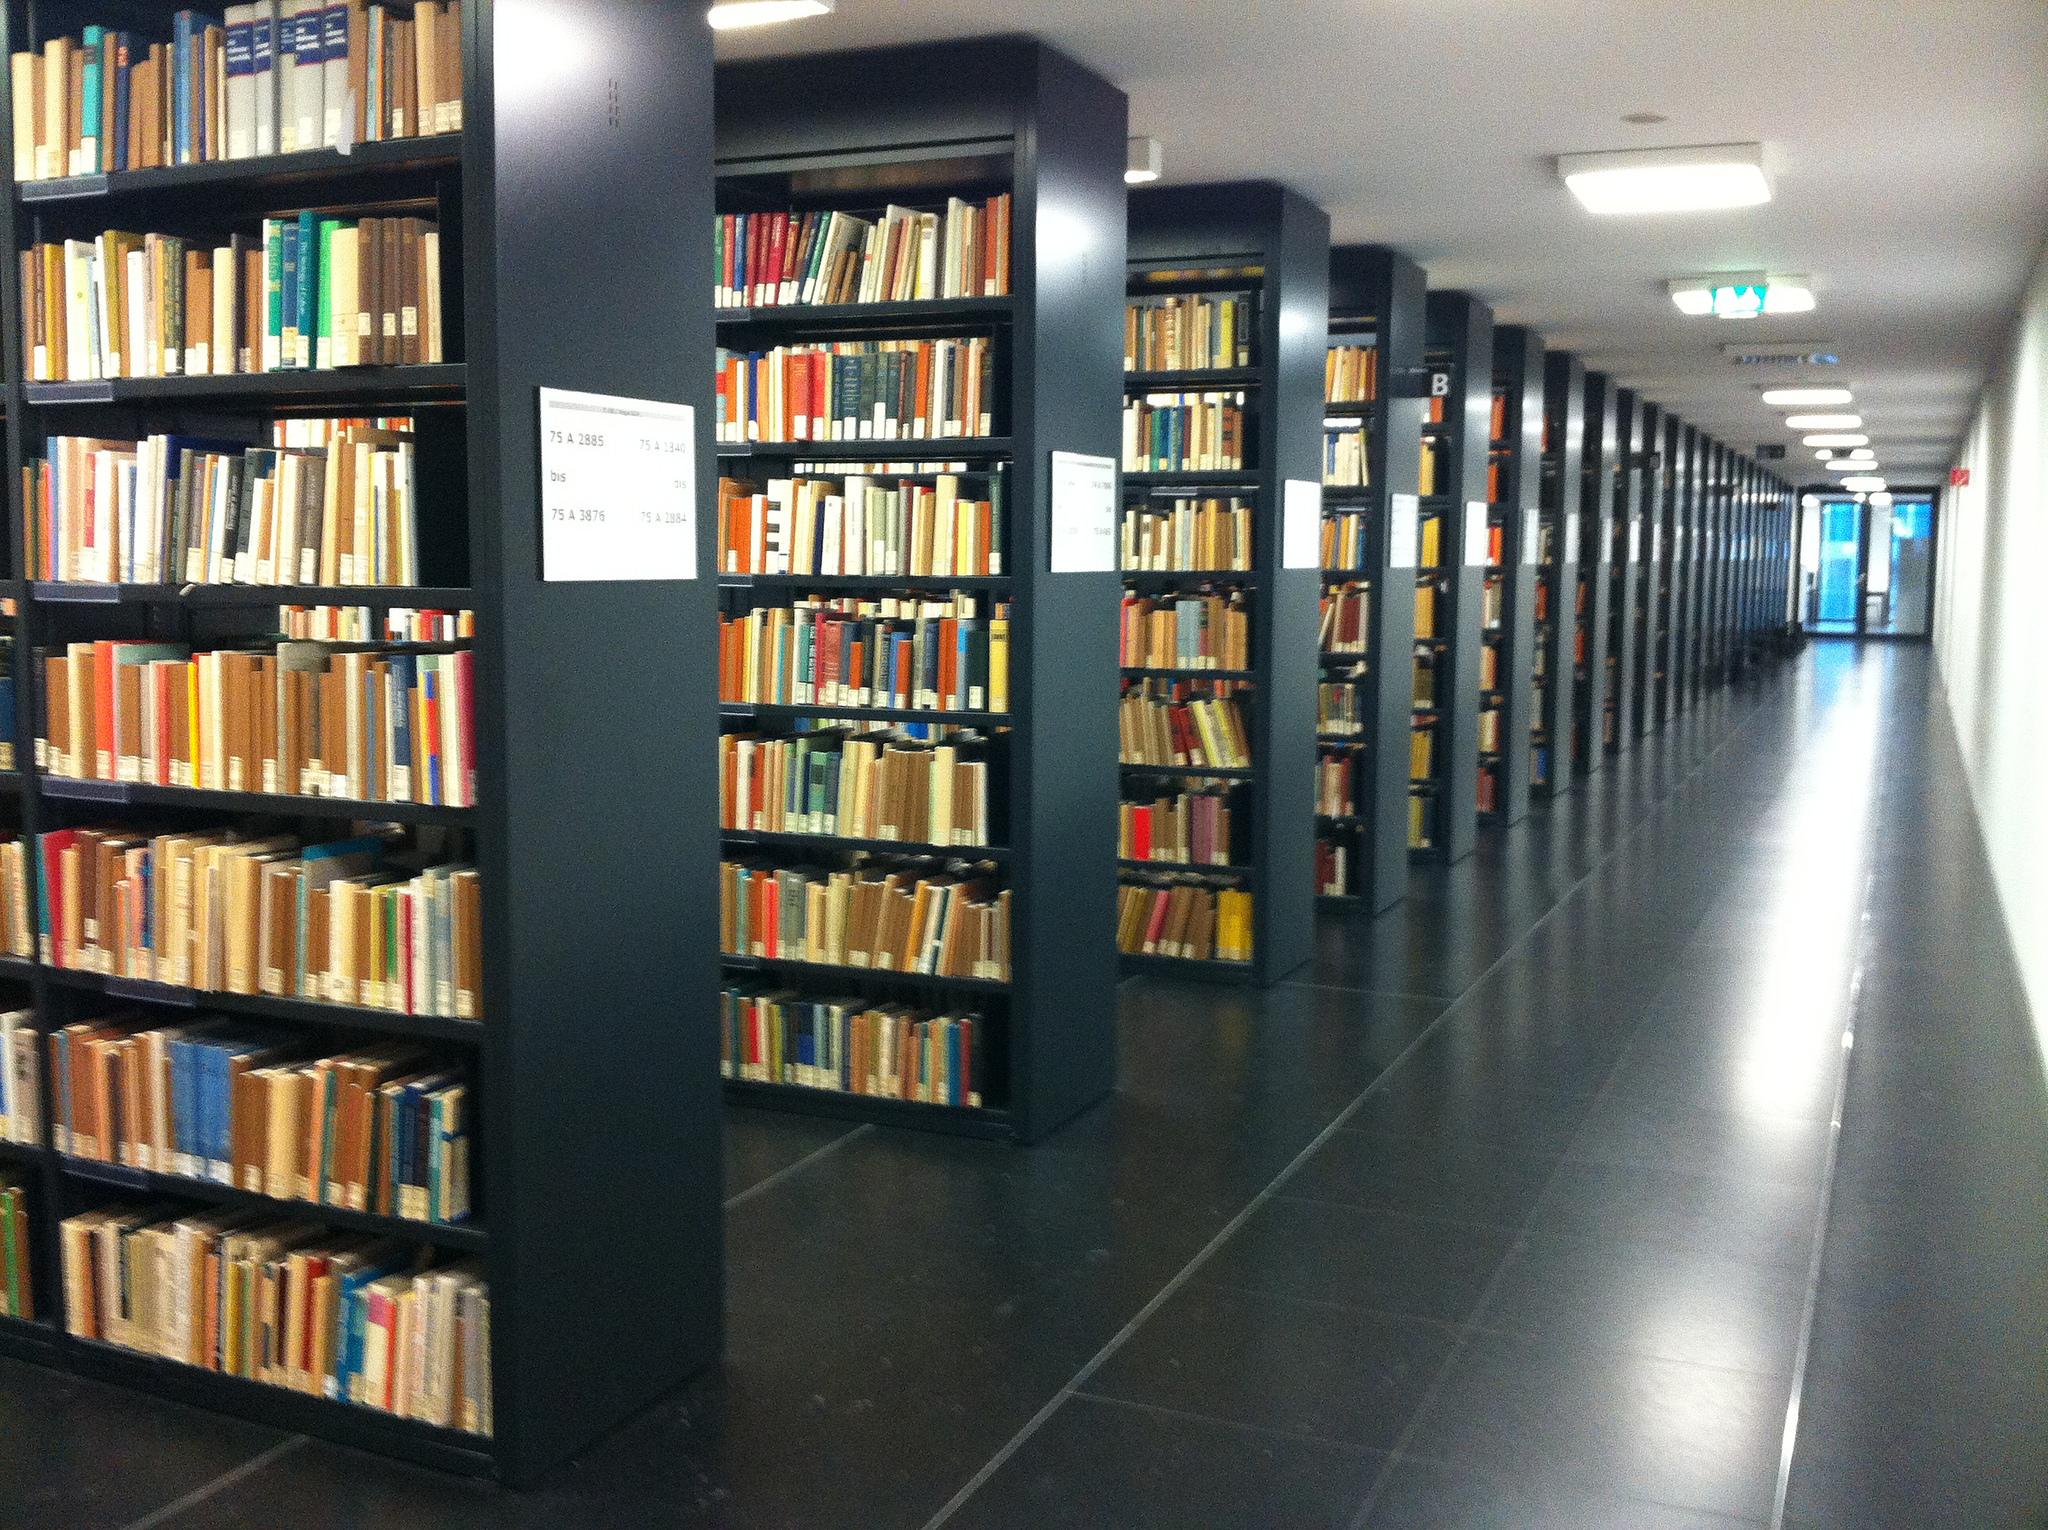 Meinungszensur: Bücher des Kopp-Verlags sollen aus Bibliotheken verbannt werden